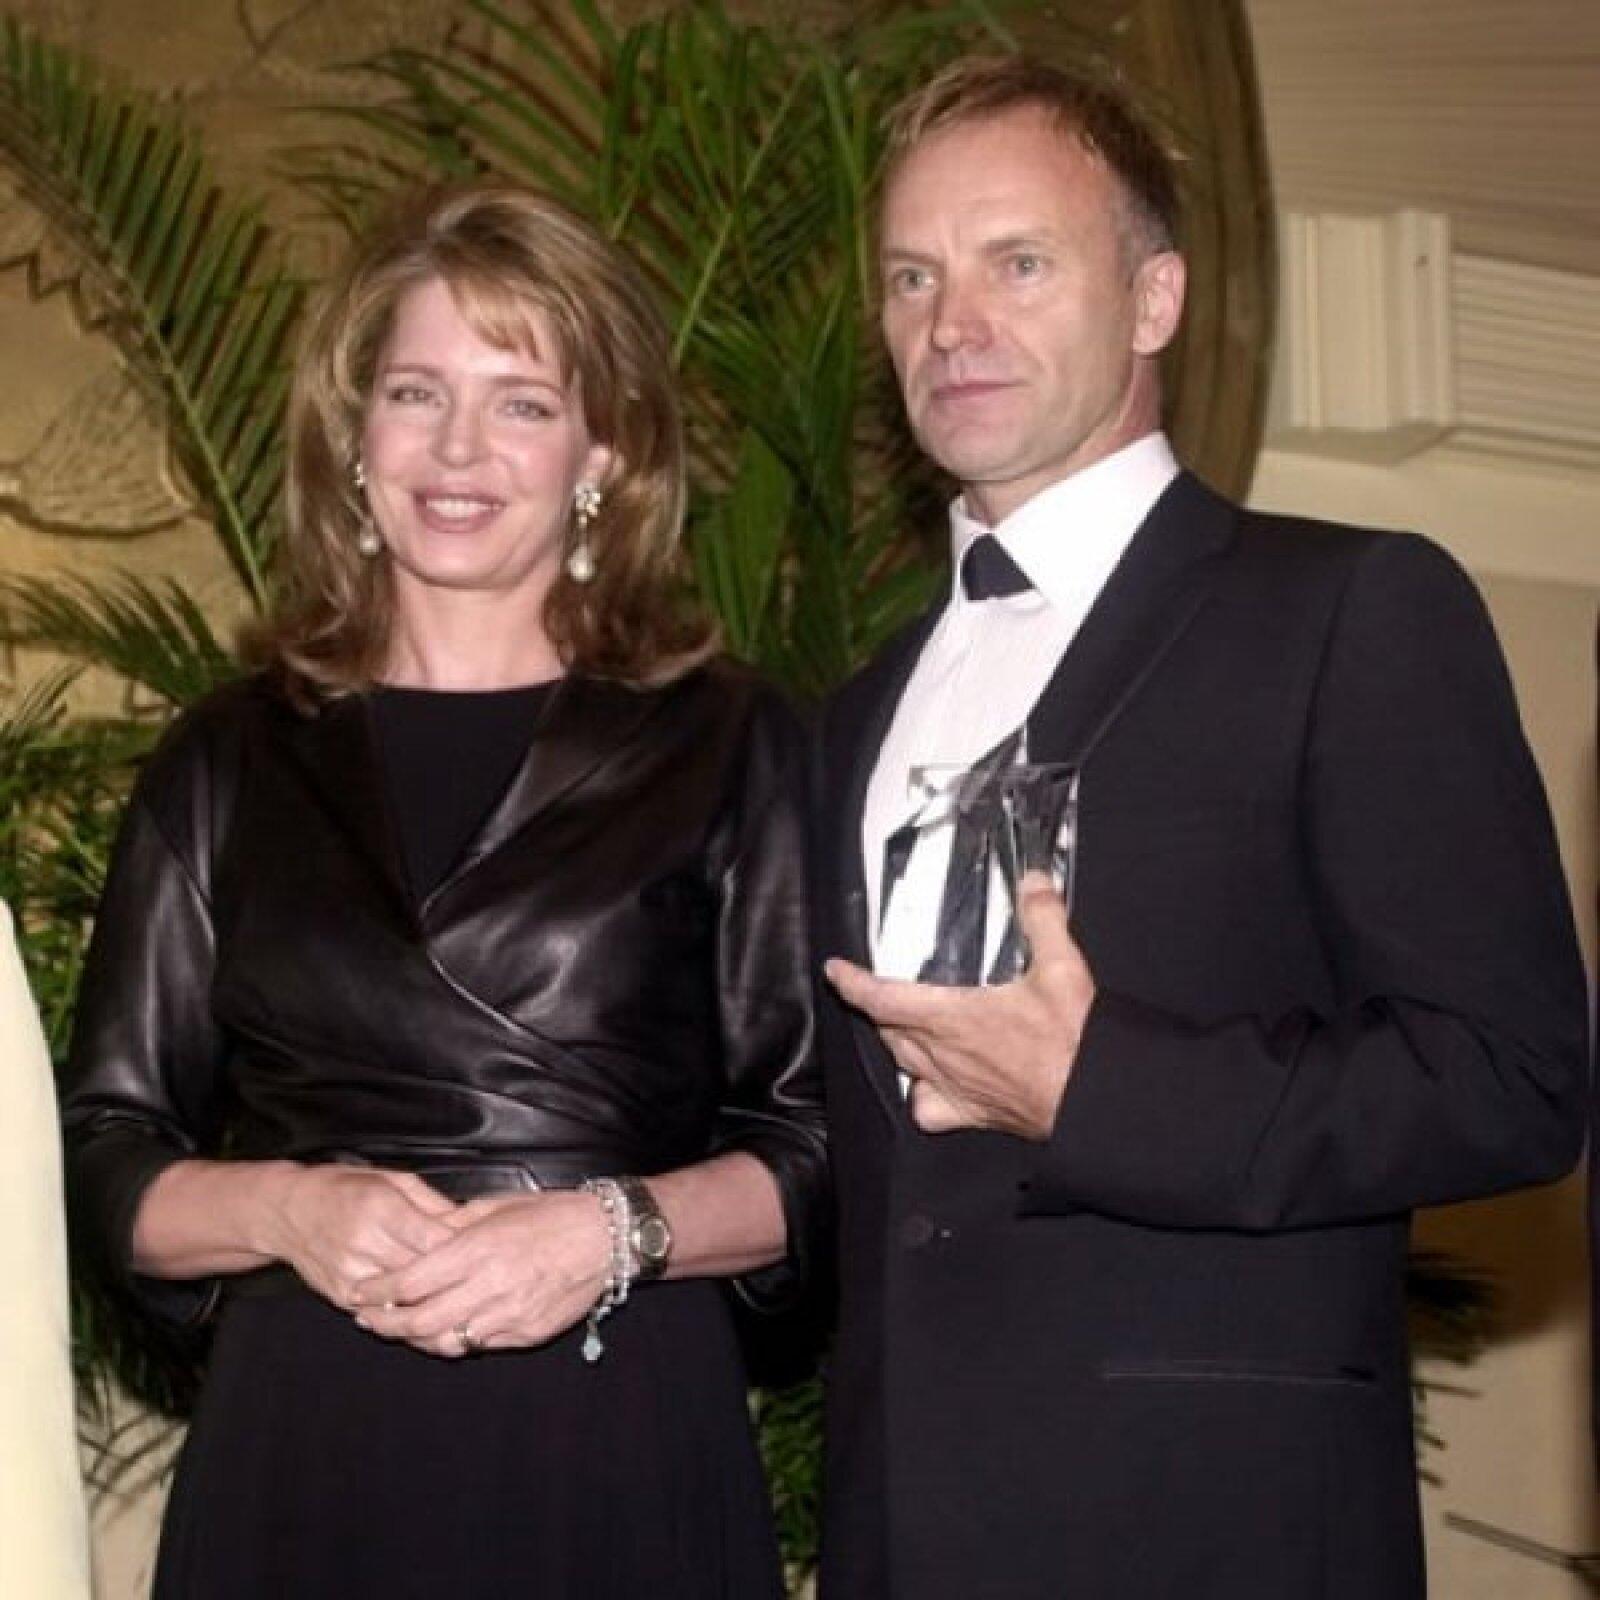 Durante la cena organizada por la Fundación Arábe-Americana, la reina entregó un premio Kahlil Gibran Spirit of Humanity al cantante Sting en 2001.